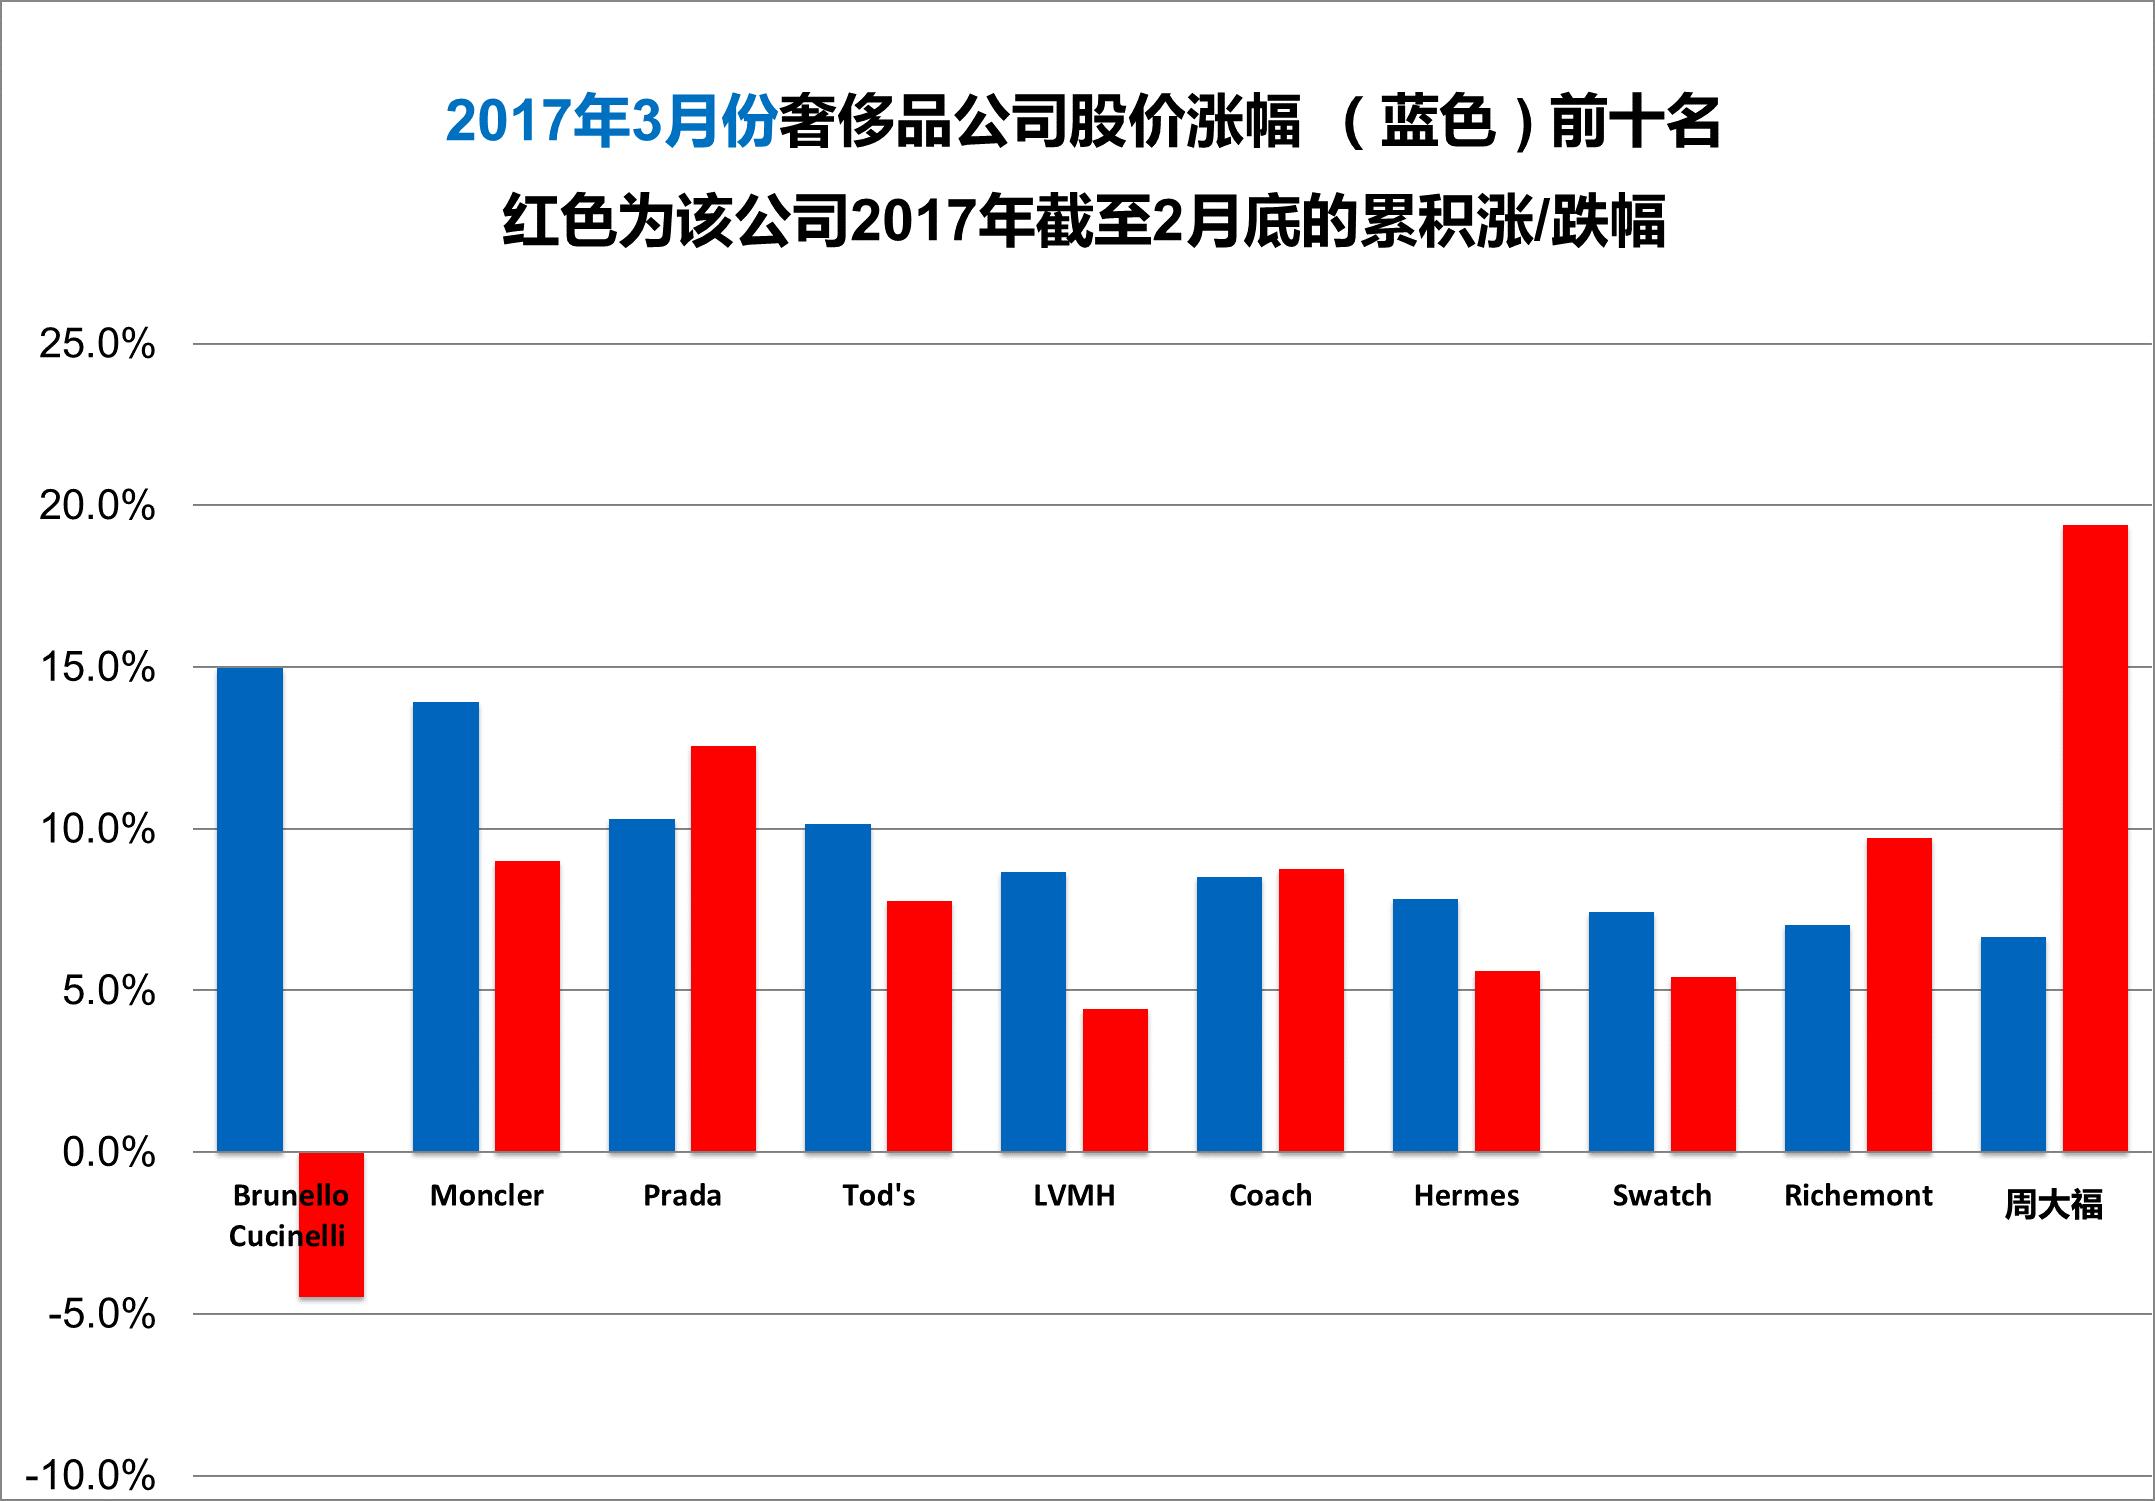 《华丽志》奢侈品股票月度排行榜(2017年3月)